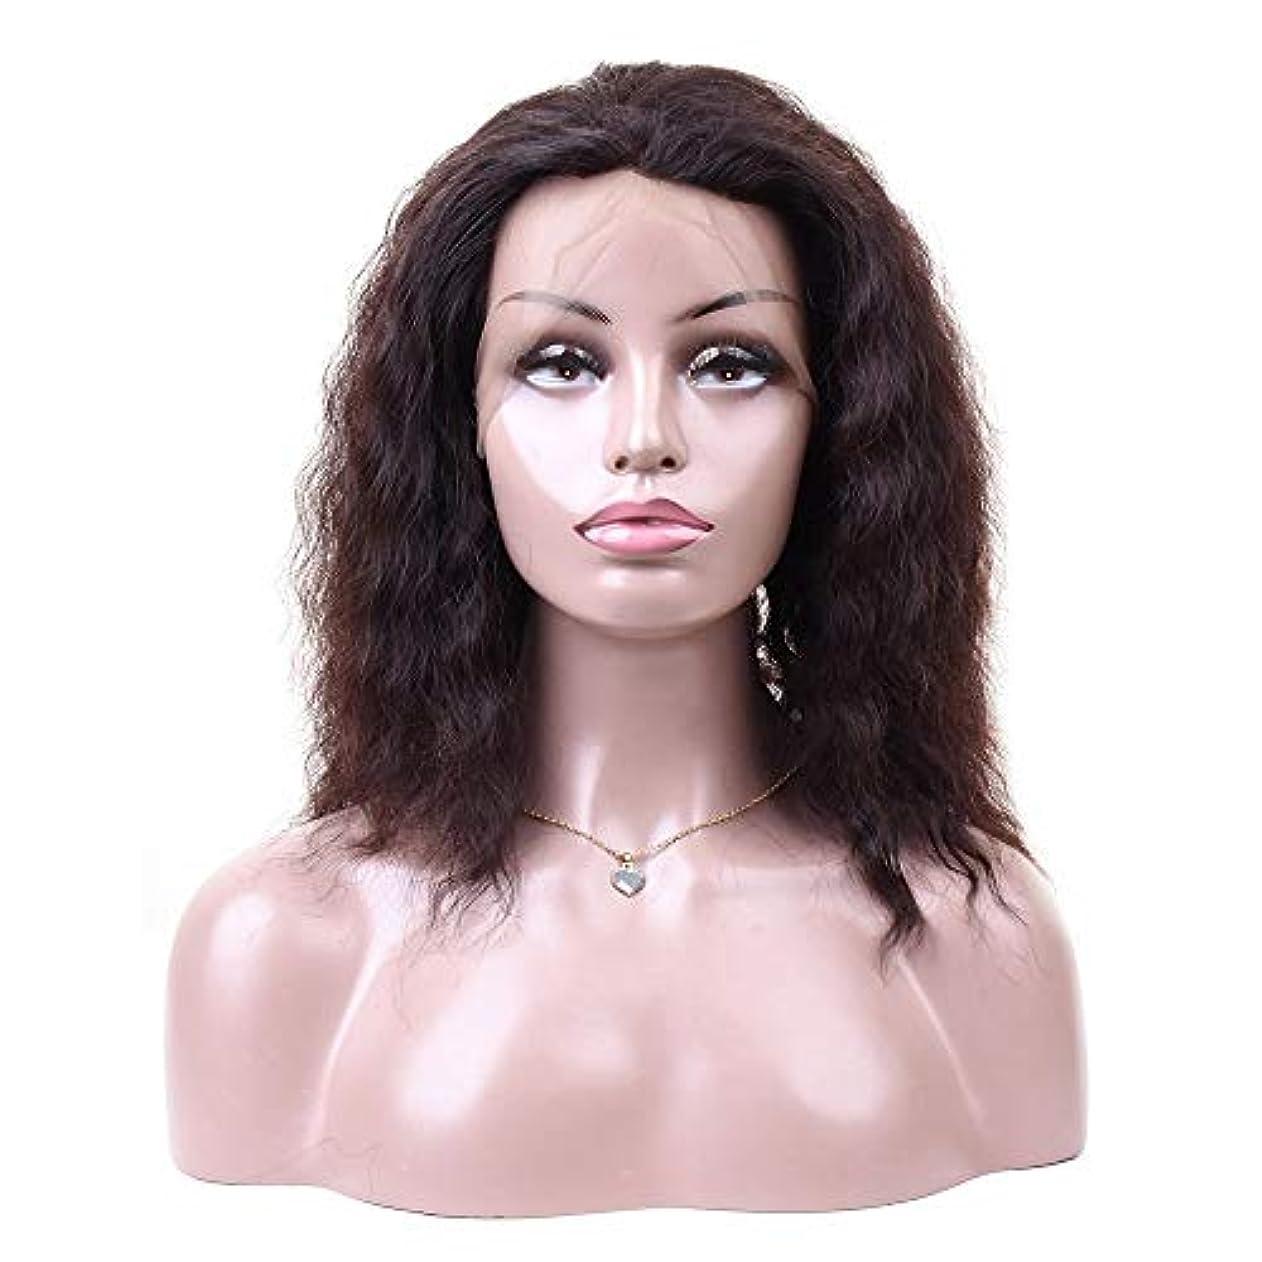 鉛いわゆる憂鬱WASAIO 女性の自然なレースのヘアエクステンションクリップの正面閉鎖難解ウェーブレース前頭人毛ウィッグUnseamed (色 : 黒, サイズ : 10 inch)